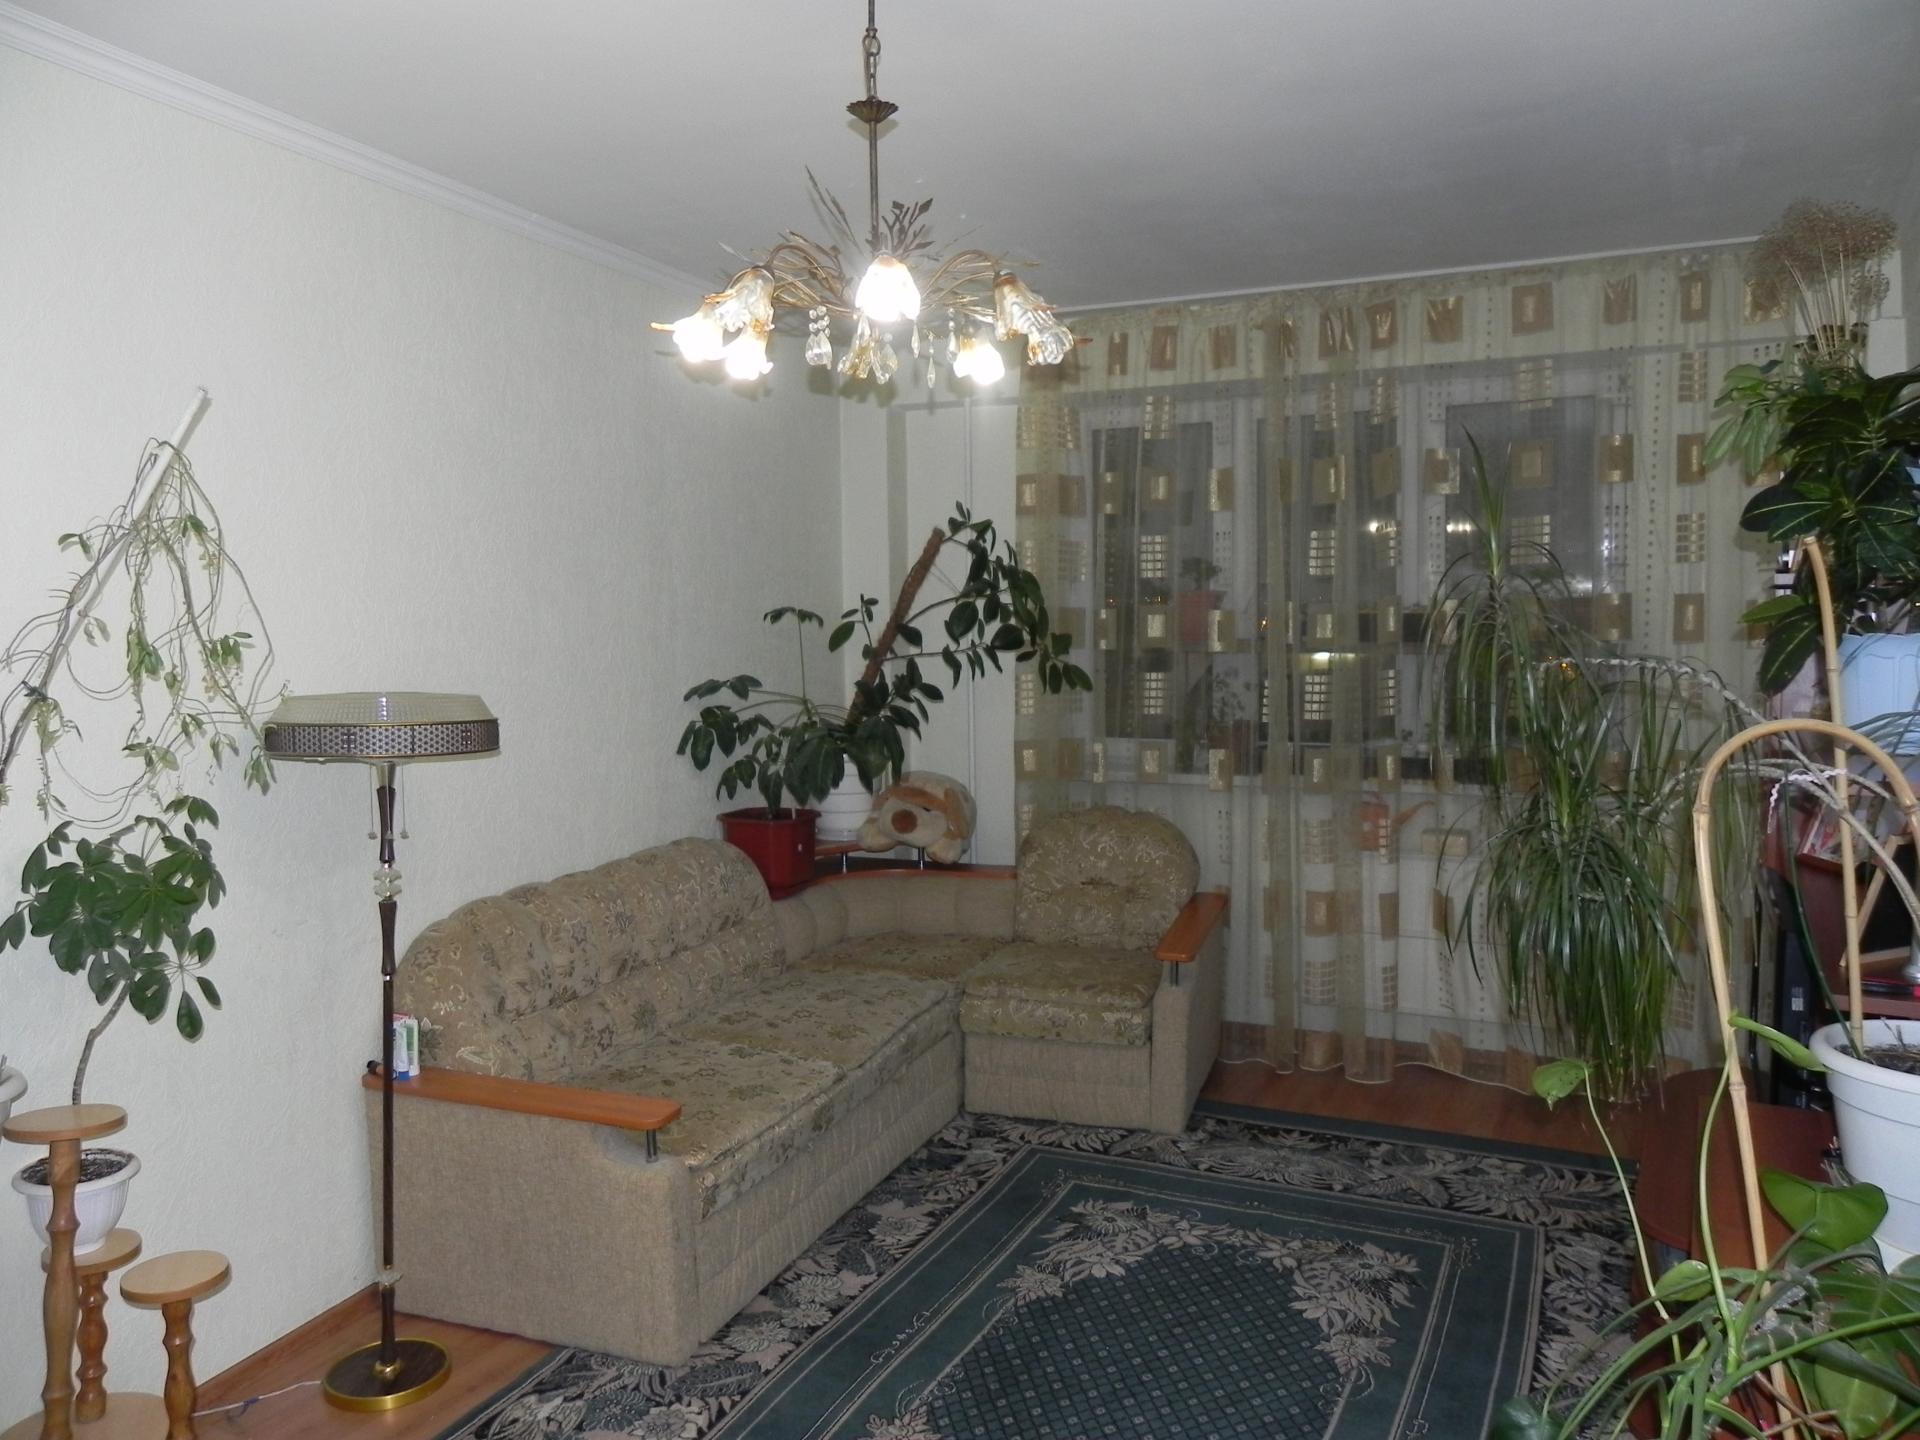 Продам инд по адресу Россия, Тюменская область, Тюмень, Федюнинского, 7 к1 фото 0 по выгодной цене